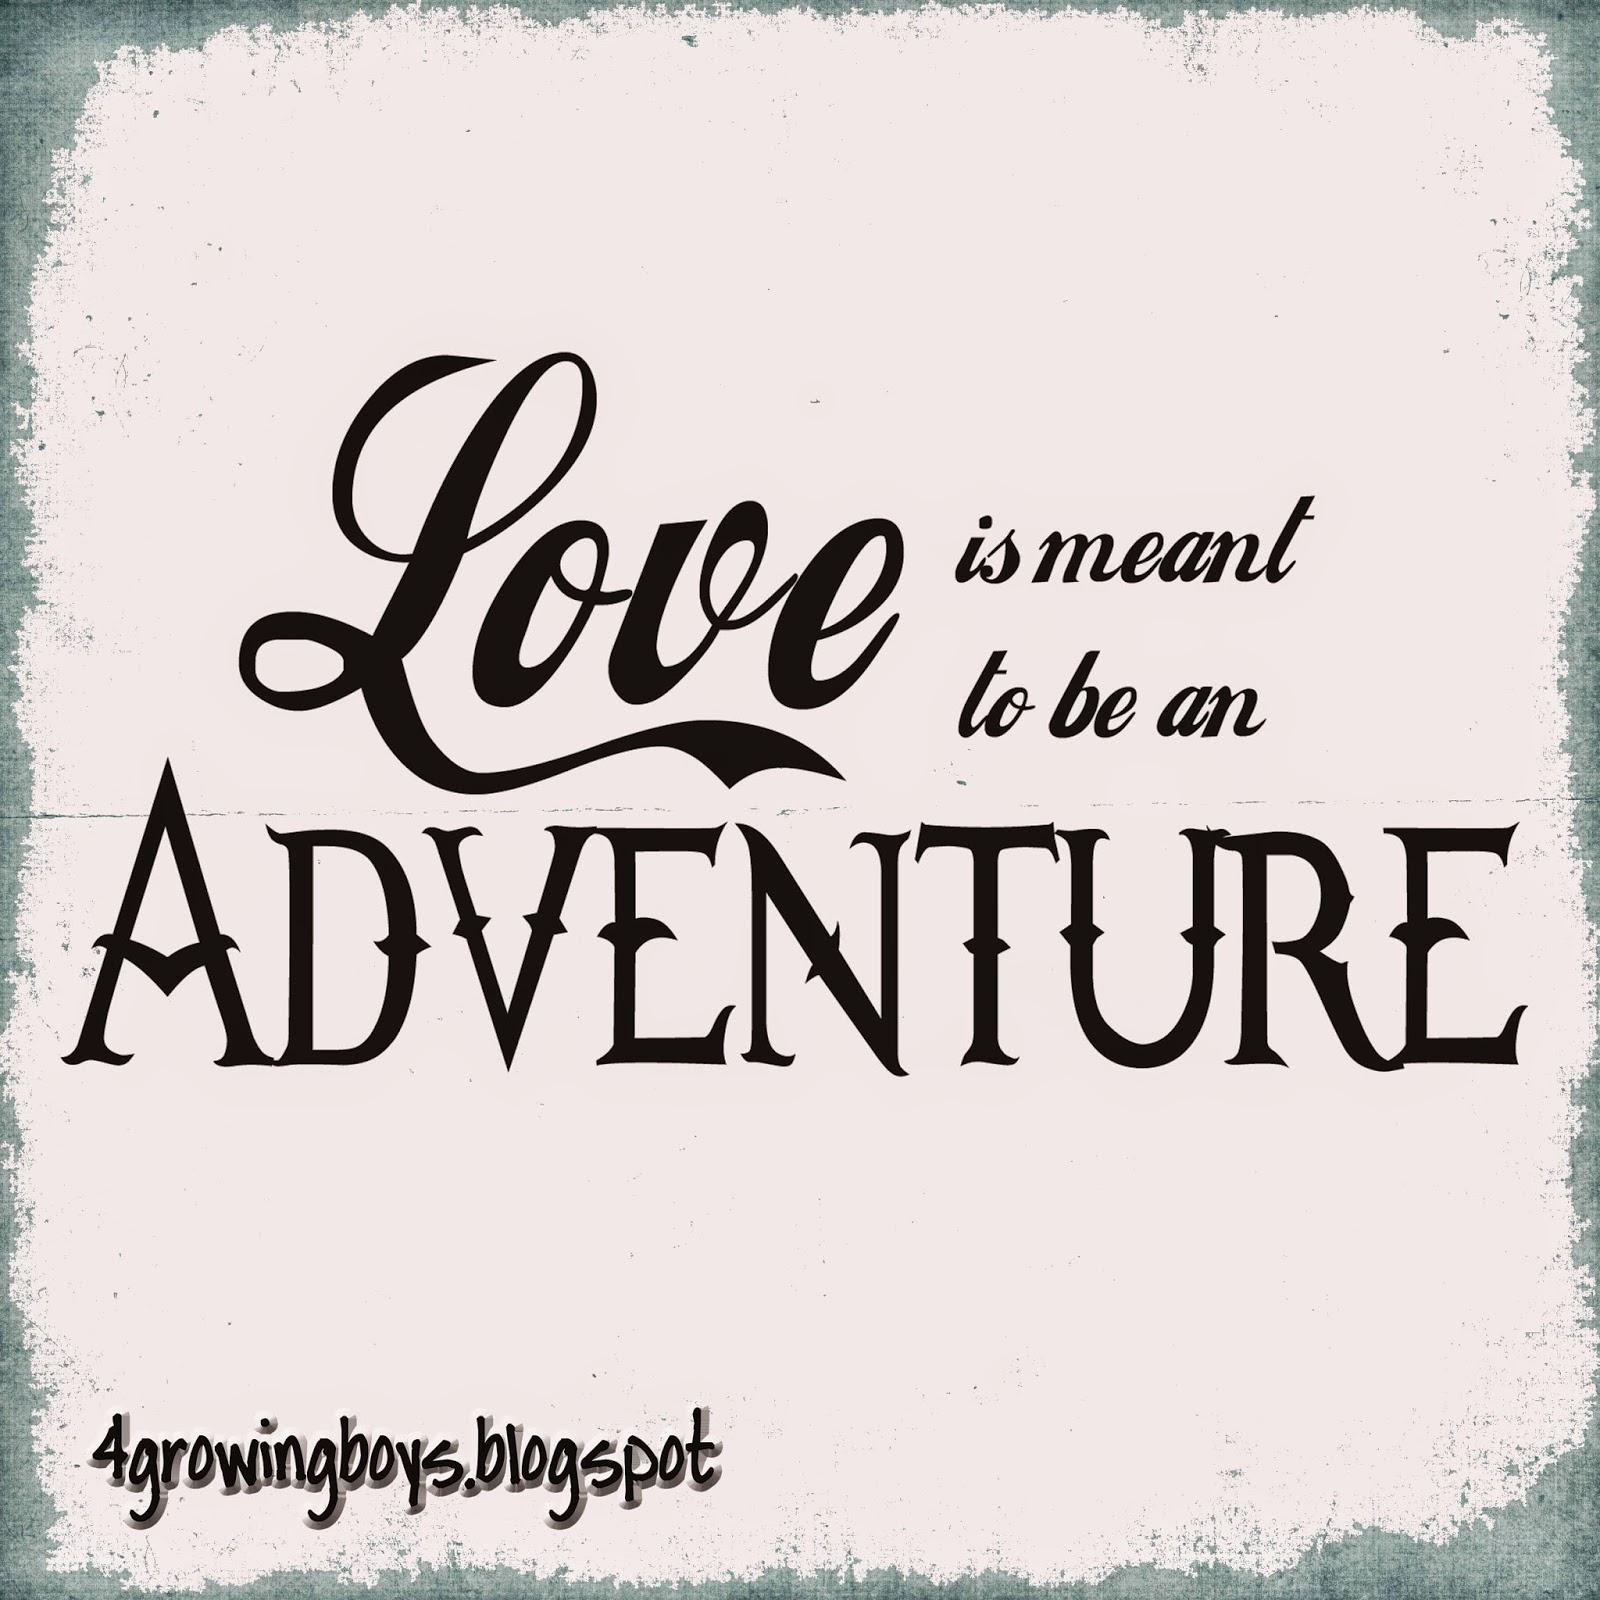 http://1.bp.blogspot.com/-HAL9PotQx-U/VM7KUS7EDTI/AAAAAAAALFk/Y7wJPeFKFy0/s1600/Love%2Bis%2Ban%2BAdventure.jpg